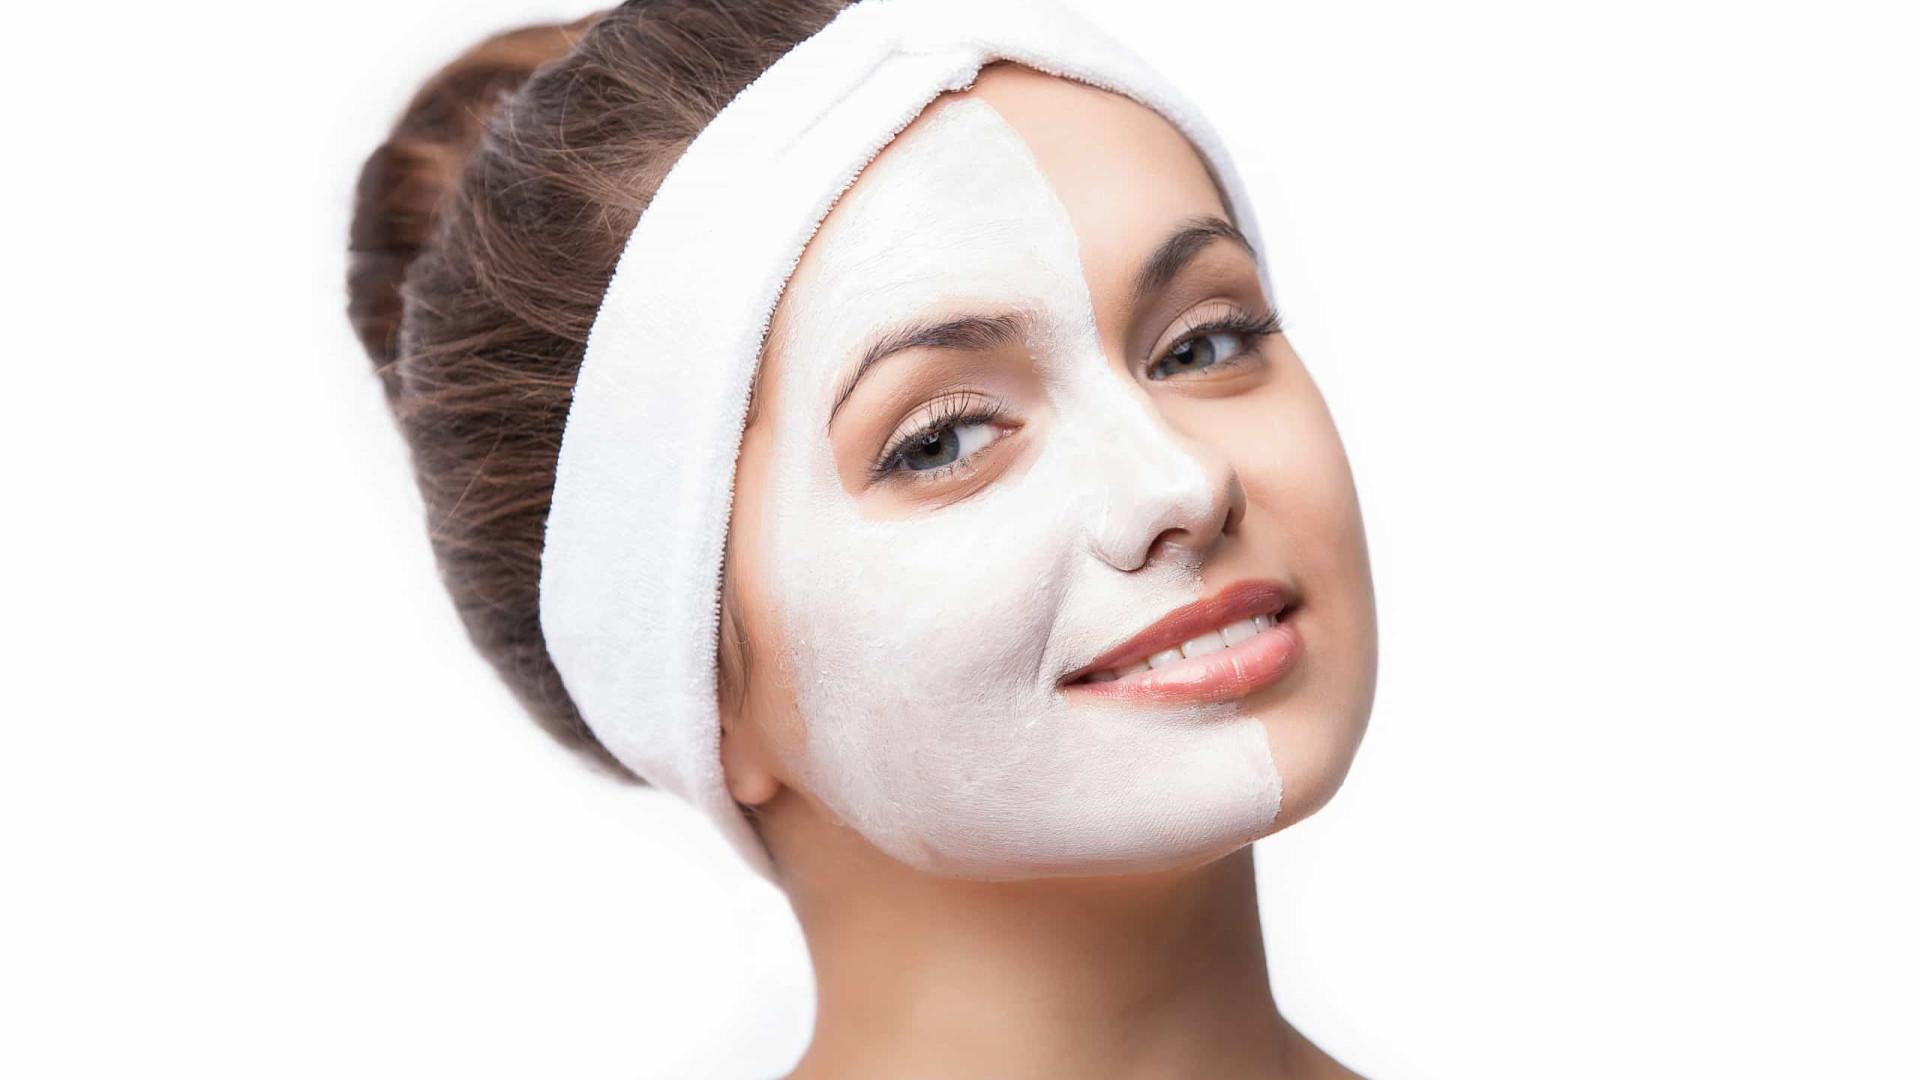 Máscara caseira para acabar com a acne e hidratar o rosto